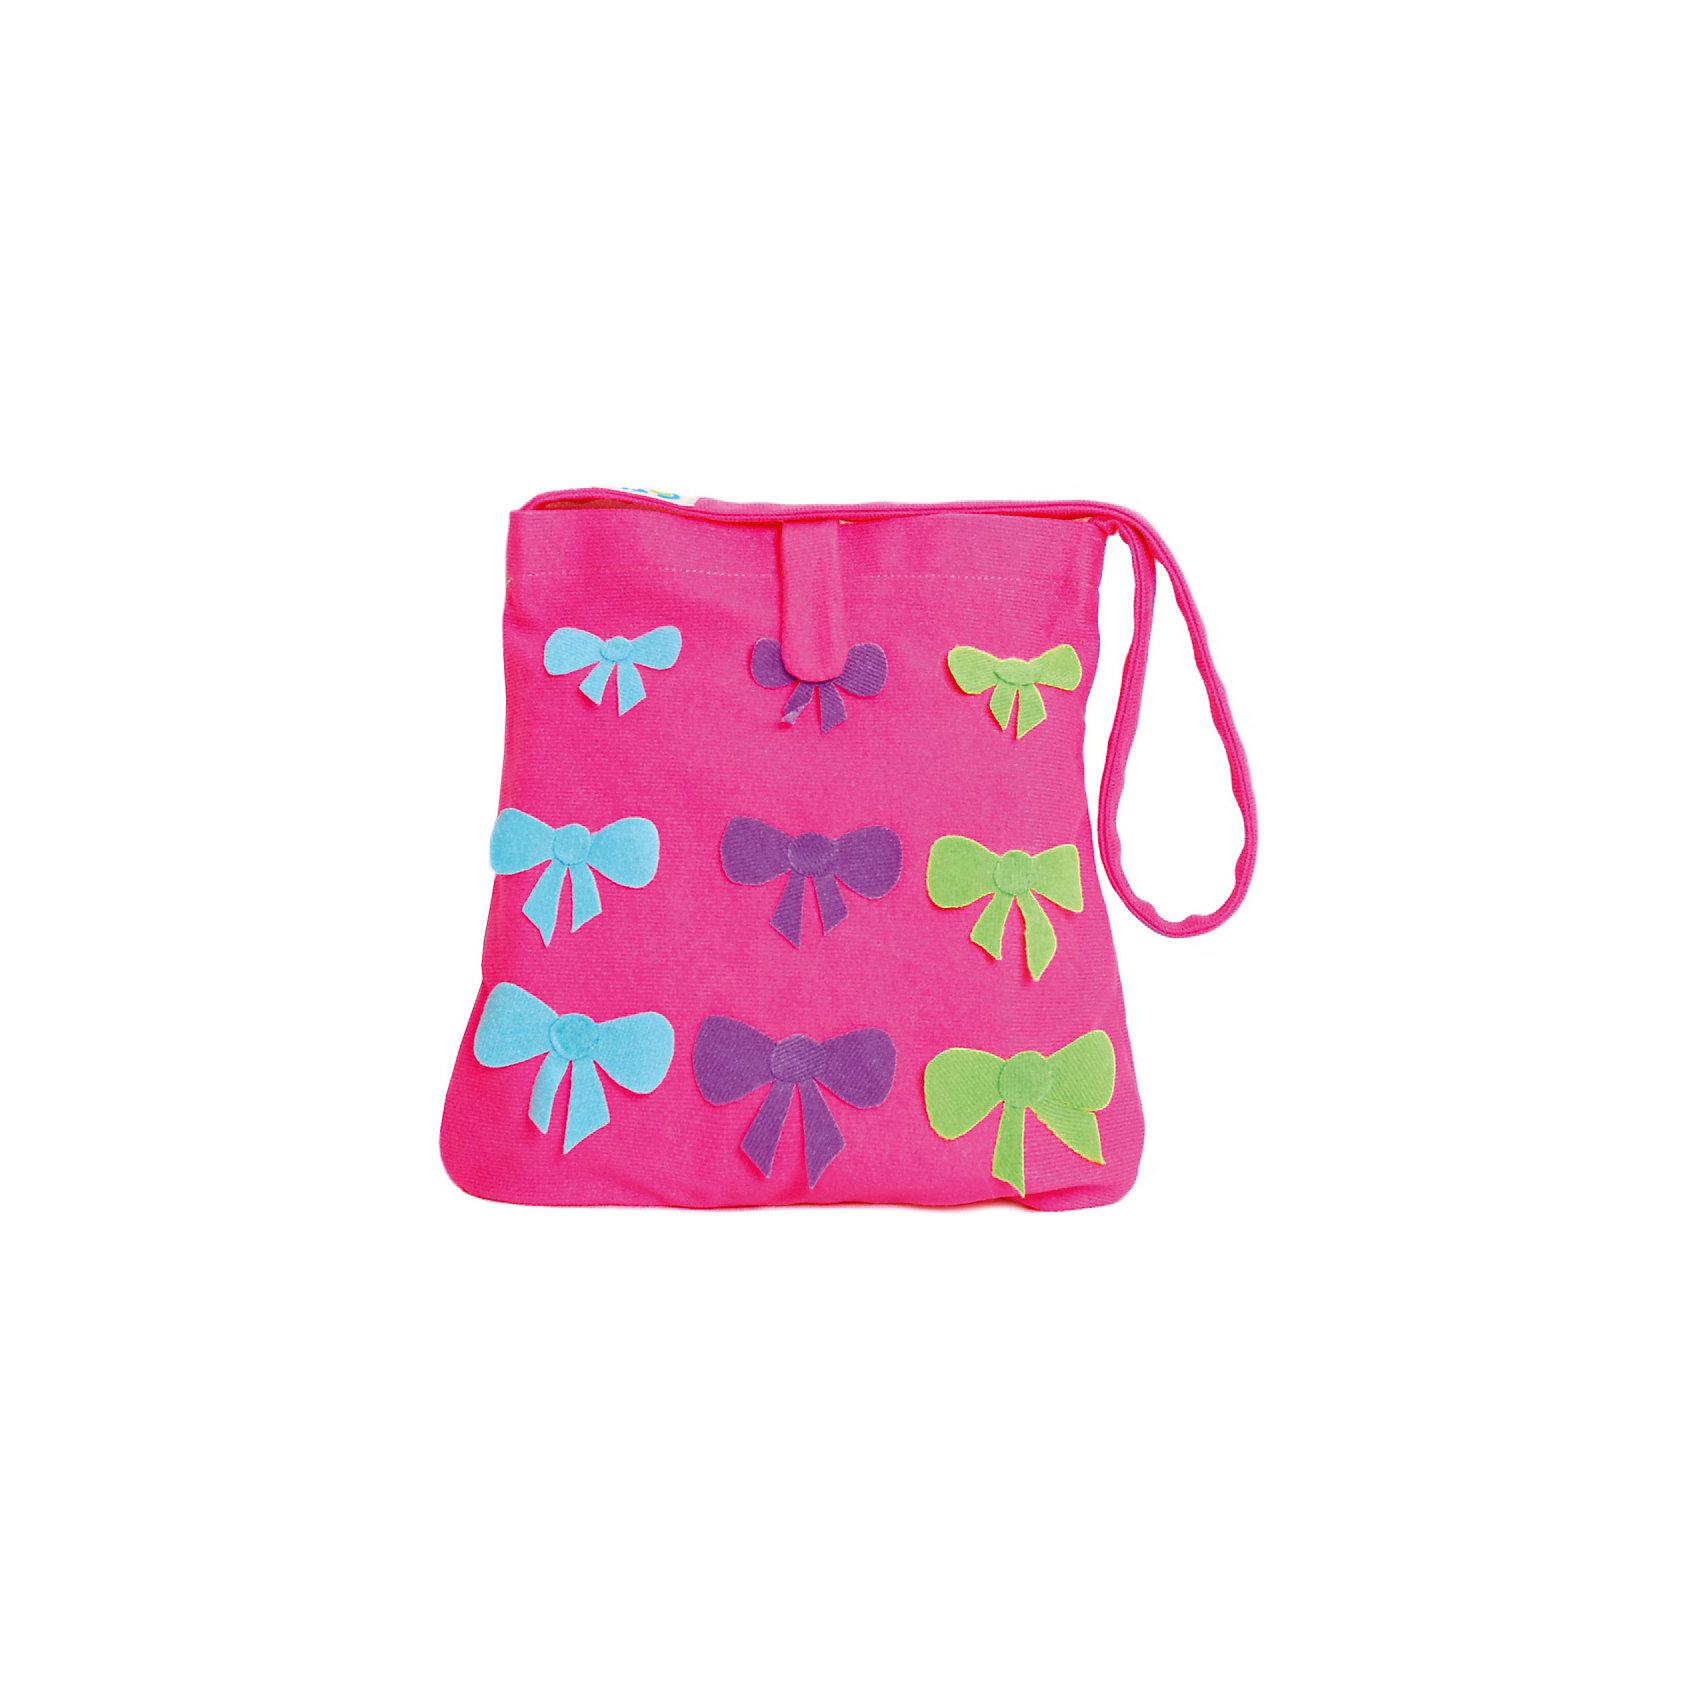 Стигис-аппликация Сумка детская, розоваяЕсли девочка давно мечтает о красивой сумке с оригинальной аппликацией, то ей обязательно понравится набор для стигис-аппликации на сумке. Ребенок сможет самостоятельно придумать дизайн и воссоздать его на сумочке при помощи ткани с термоклеевым слоем. Достаточно вырезать нужные элементы, выложить их на сумку и прогладить утюгом - красивая и практичная сумочка готова! В случае ошибки ткань можно снова прогладить утюгом, и она отклеится. Такой вид детского творчество хорошо развивает аккуратность, воображение и дизайнерские способности. Отличный подарок для юных рукодельниц!<br><br>Дополнительная информация: <br>В комплекте: сумка, кусочки stigis-ткани, выкройки, инструкция<br>Цвет: розовый<br>Размер: 3,5х27х20 см<br>Вес: 110 грамм<br>Набор для стигис-аппликации можно купить в нашем интернет-магазине.<br><br>Ширина мм: 200<br>Глубина мм: 270<br>Высота мм: 35<br>Вес г: 110<br>Возраст от месяцев: 60<br>Возраст до месяцев: 120<br>Пол: Унисекс<br>Возраст: Детский<br>SKU: 4939422